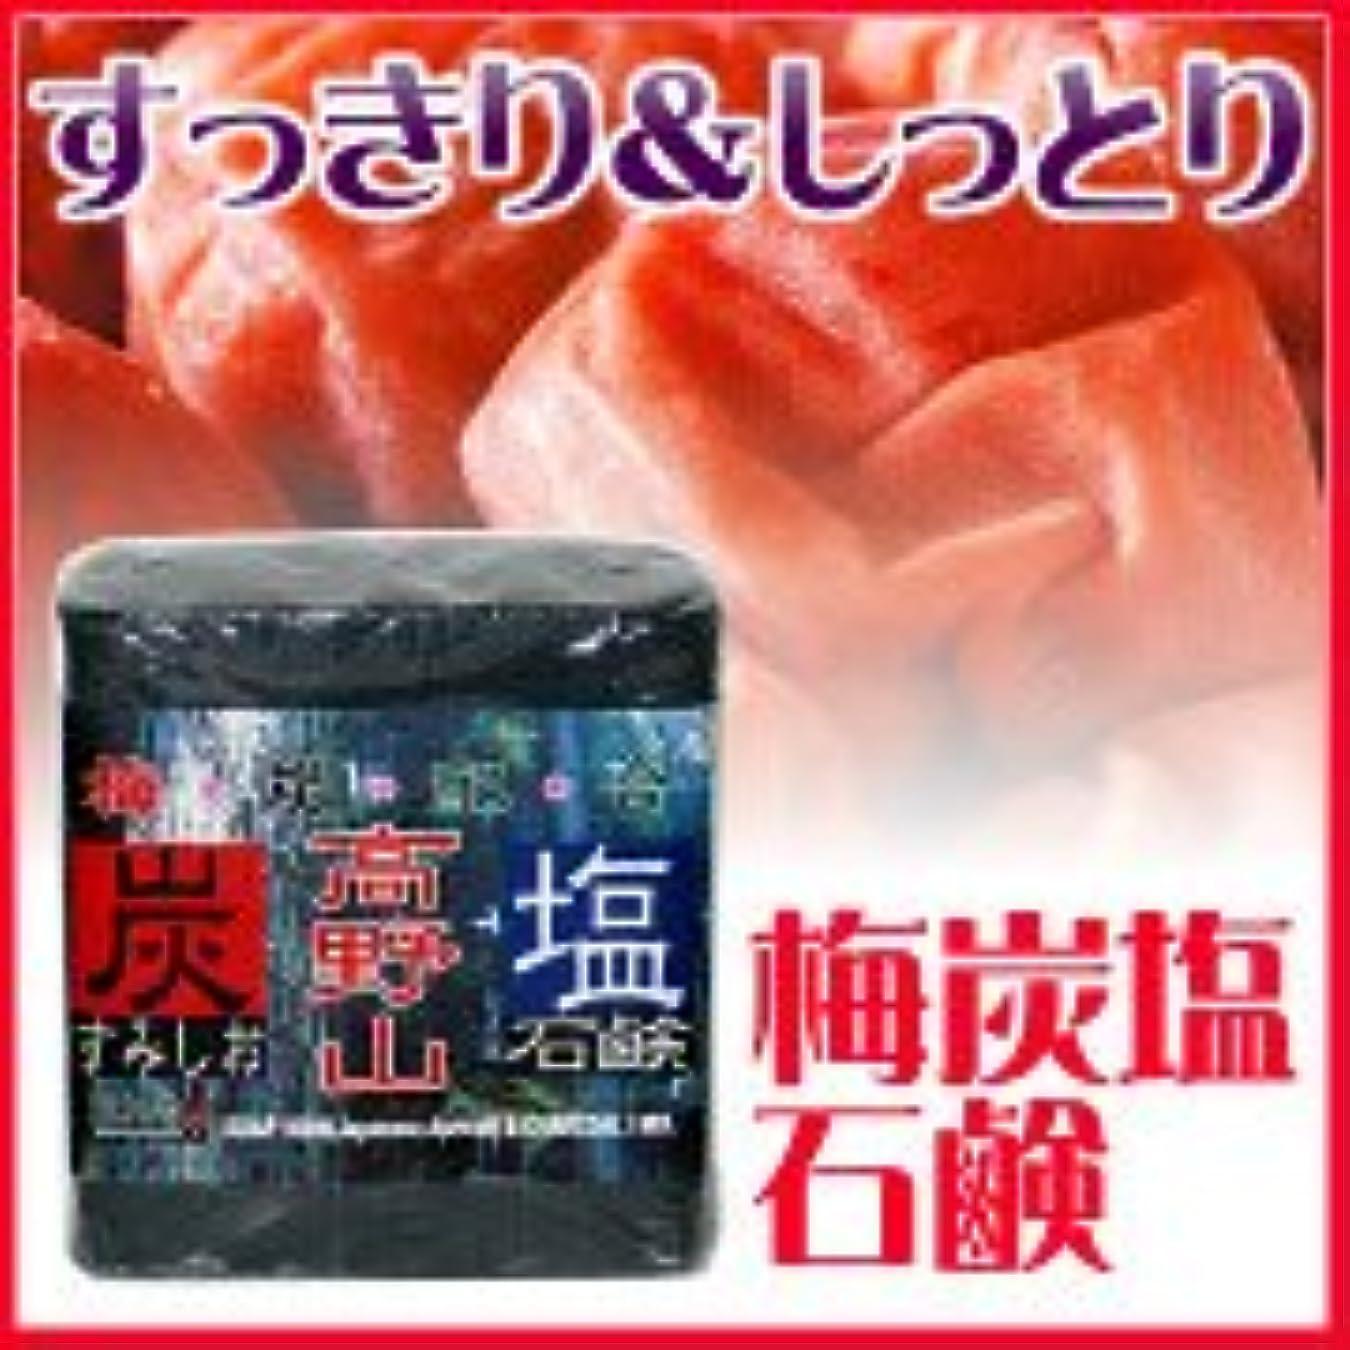 突撃正義上がる★10個セット★梅炭塩石鹸85g(泡立てネットつき)